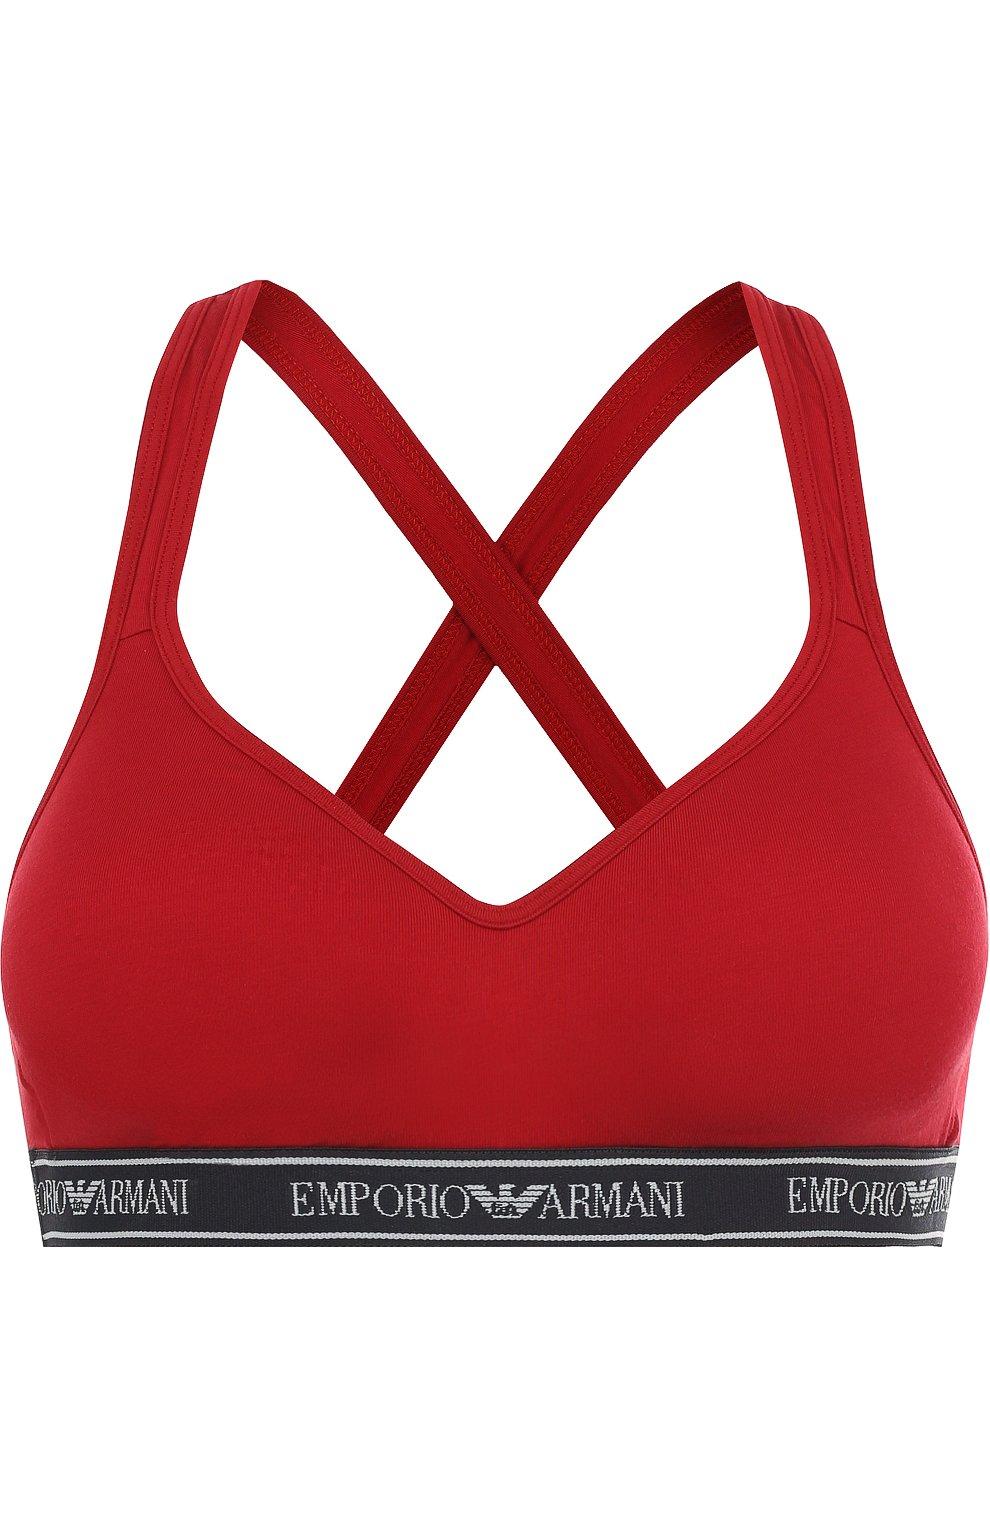 Женский хлопковый бюстгальтер с логотипом бренда EMPORIO ARMANI красного цвета, арт. 163995/8P317 | Фото 1